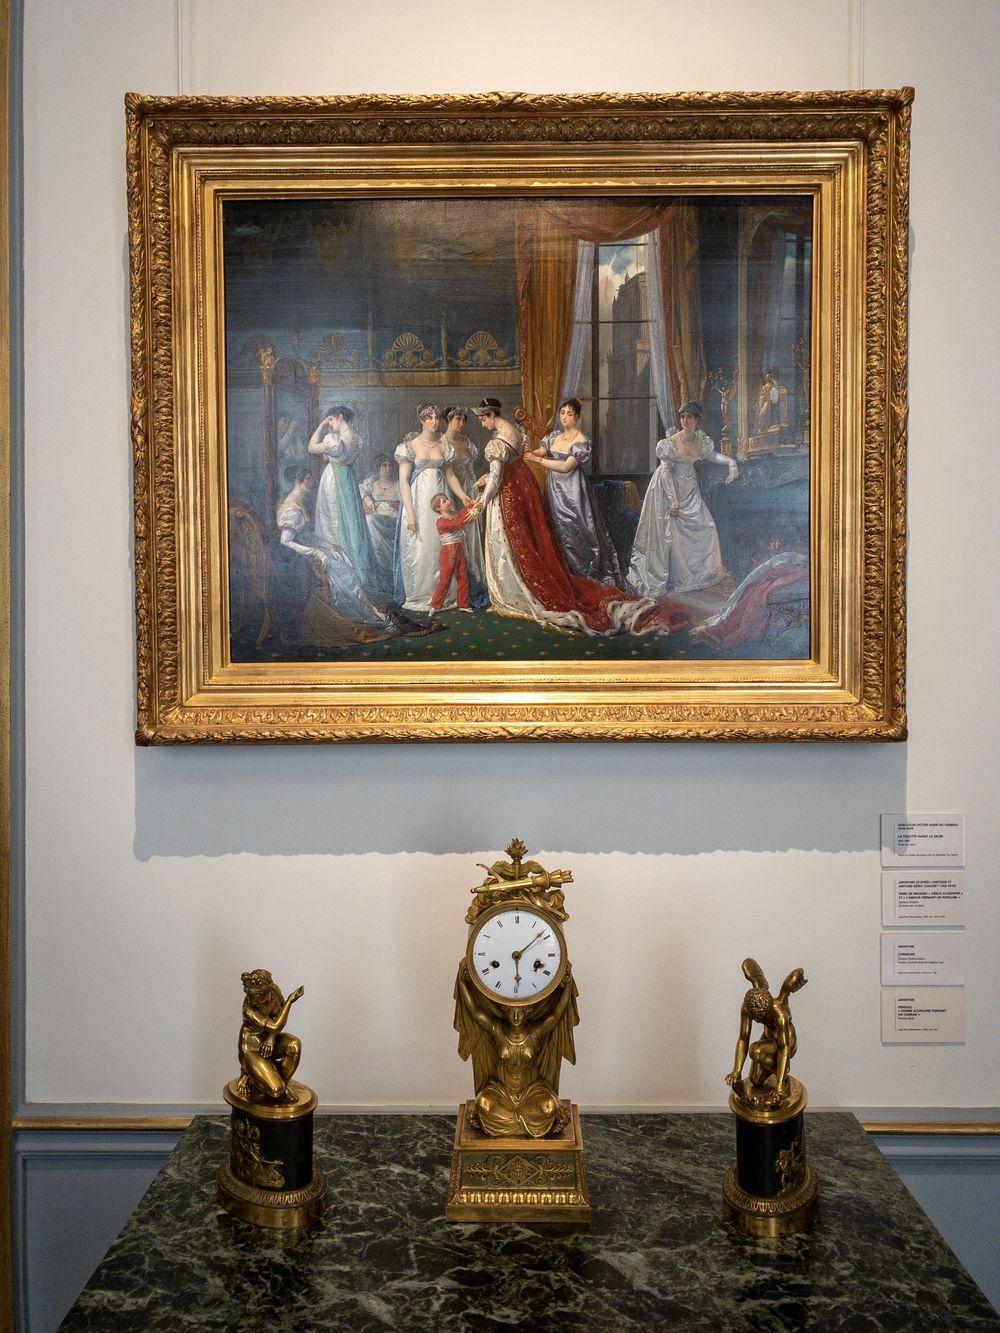 Musee Marmottan Monet - Jean-Louis-Victor Viger du Vigneau, La Toilette avant Le Sacre, 1865